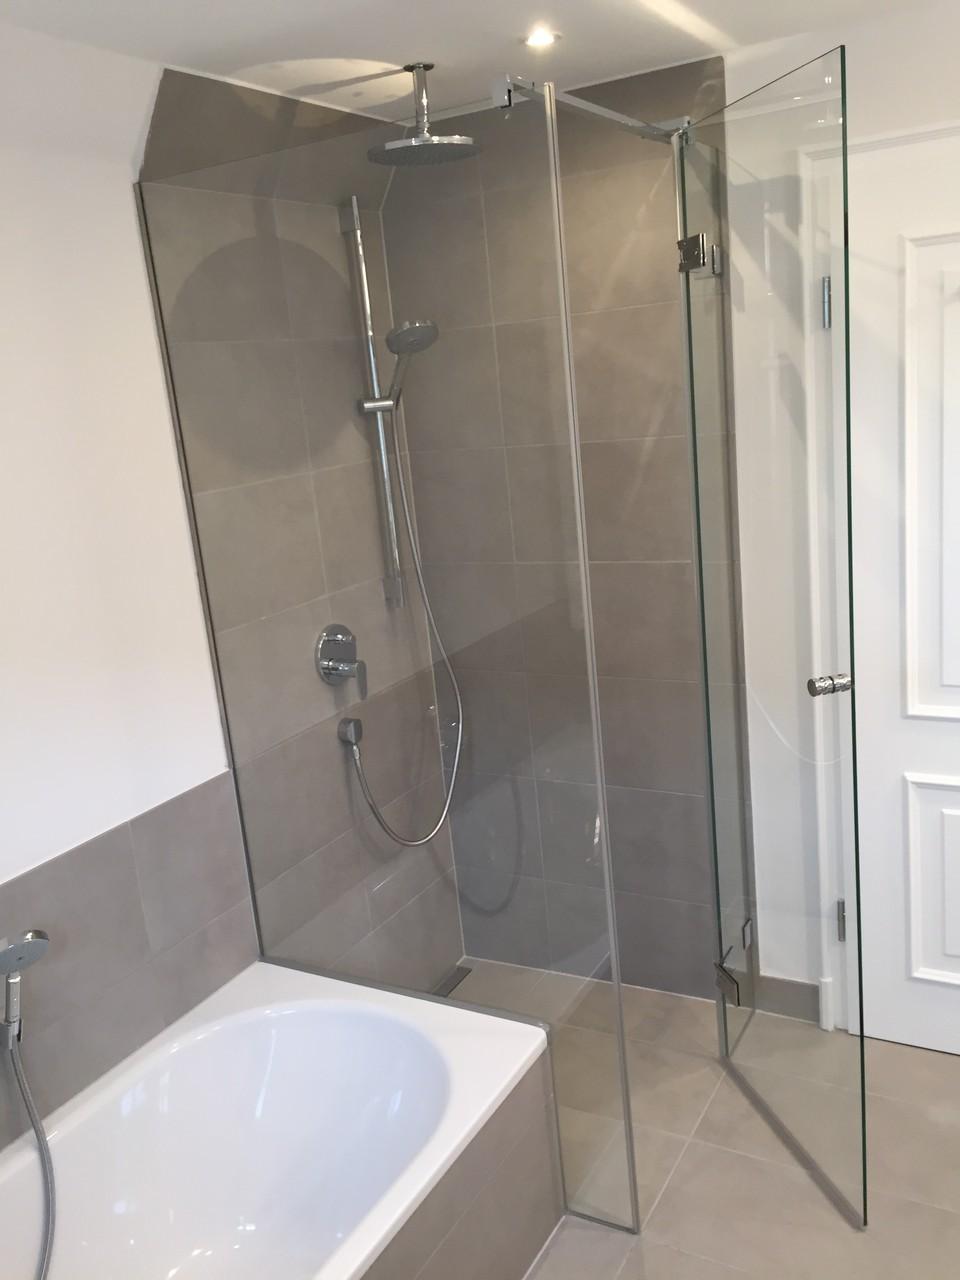 duschkabine neben badewanne kunststoff schulte d duschkabine auf wanne teilig mm. Black Bedroom Furniture Sets. Home Design Ideas